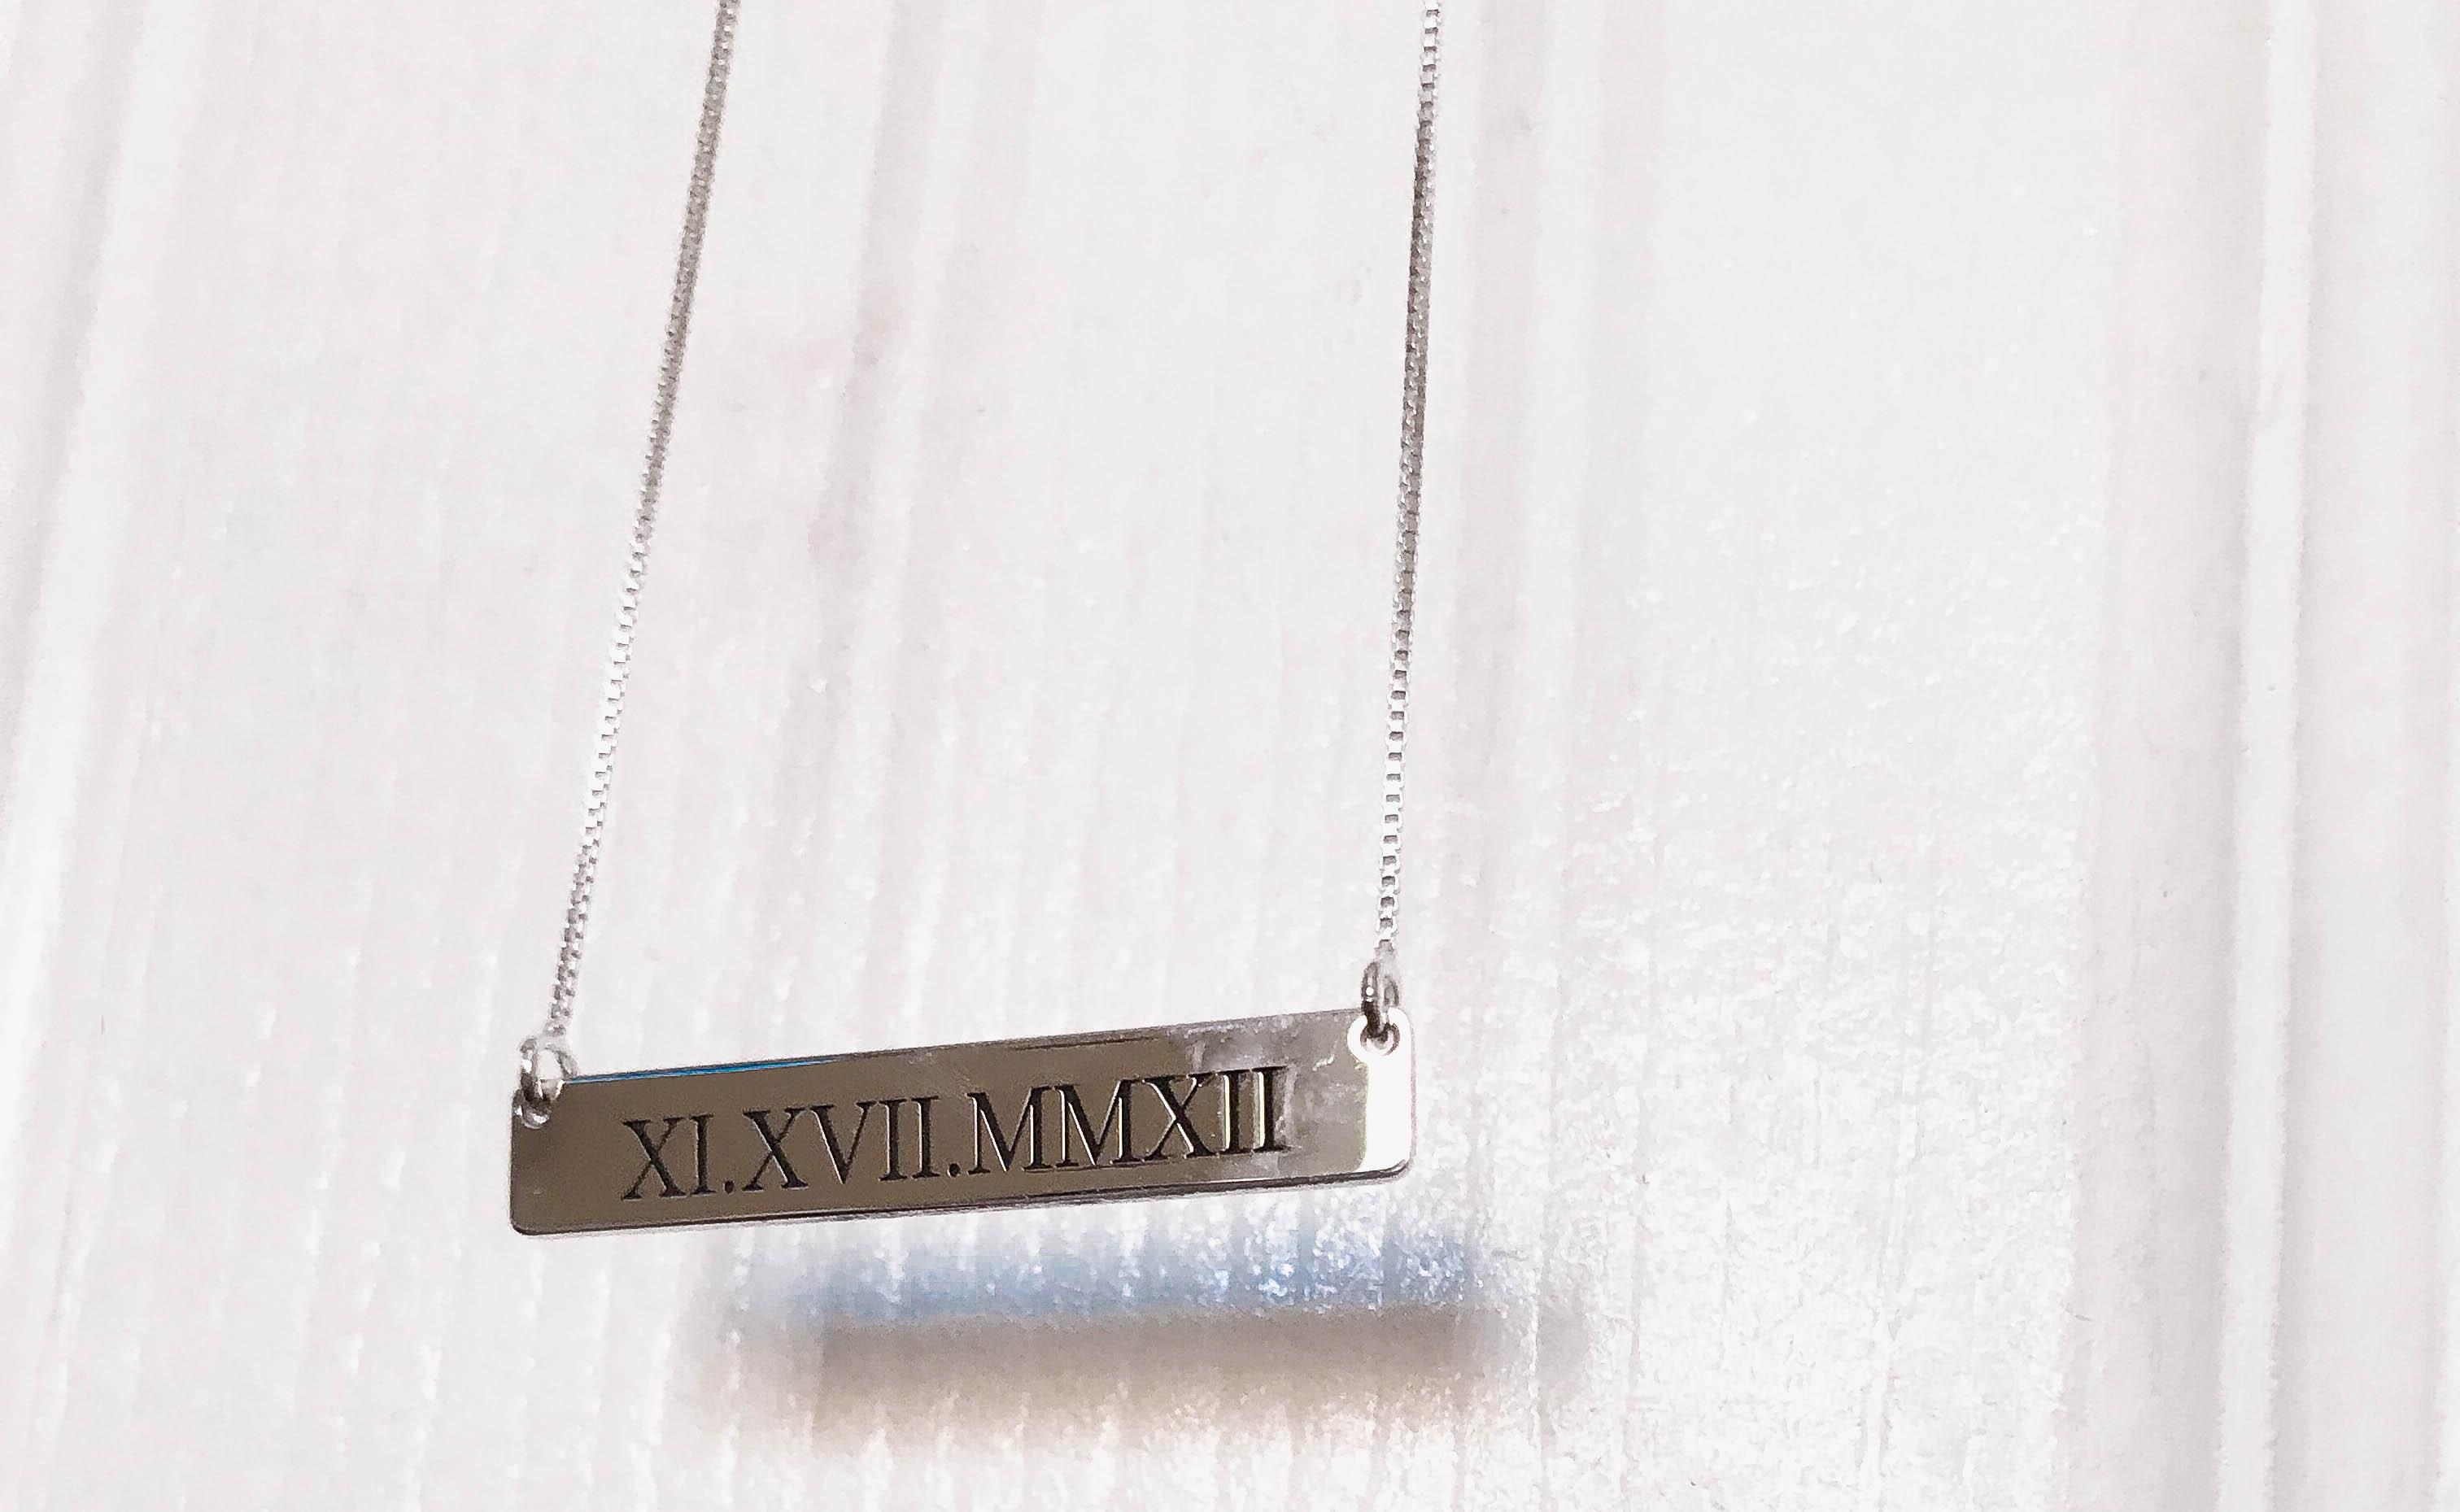 custombarnecklace2